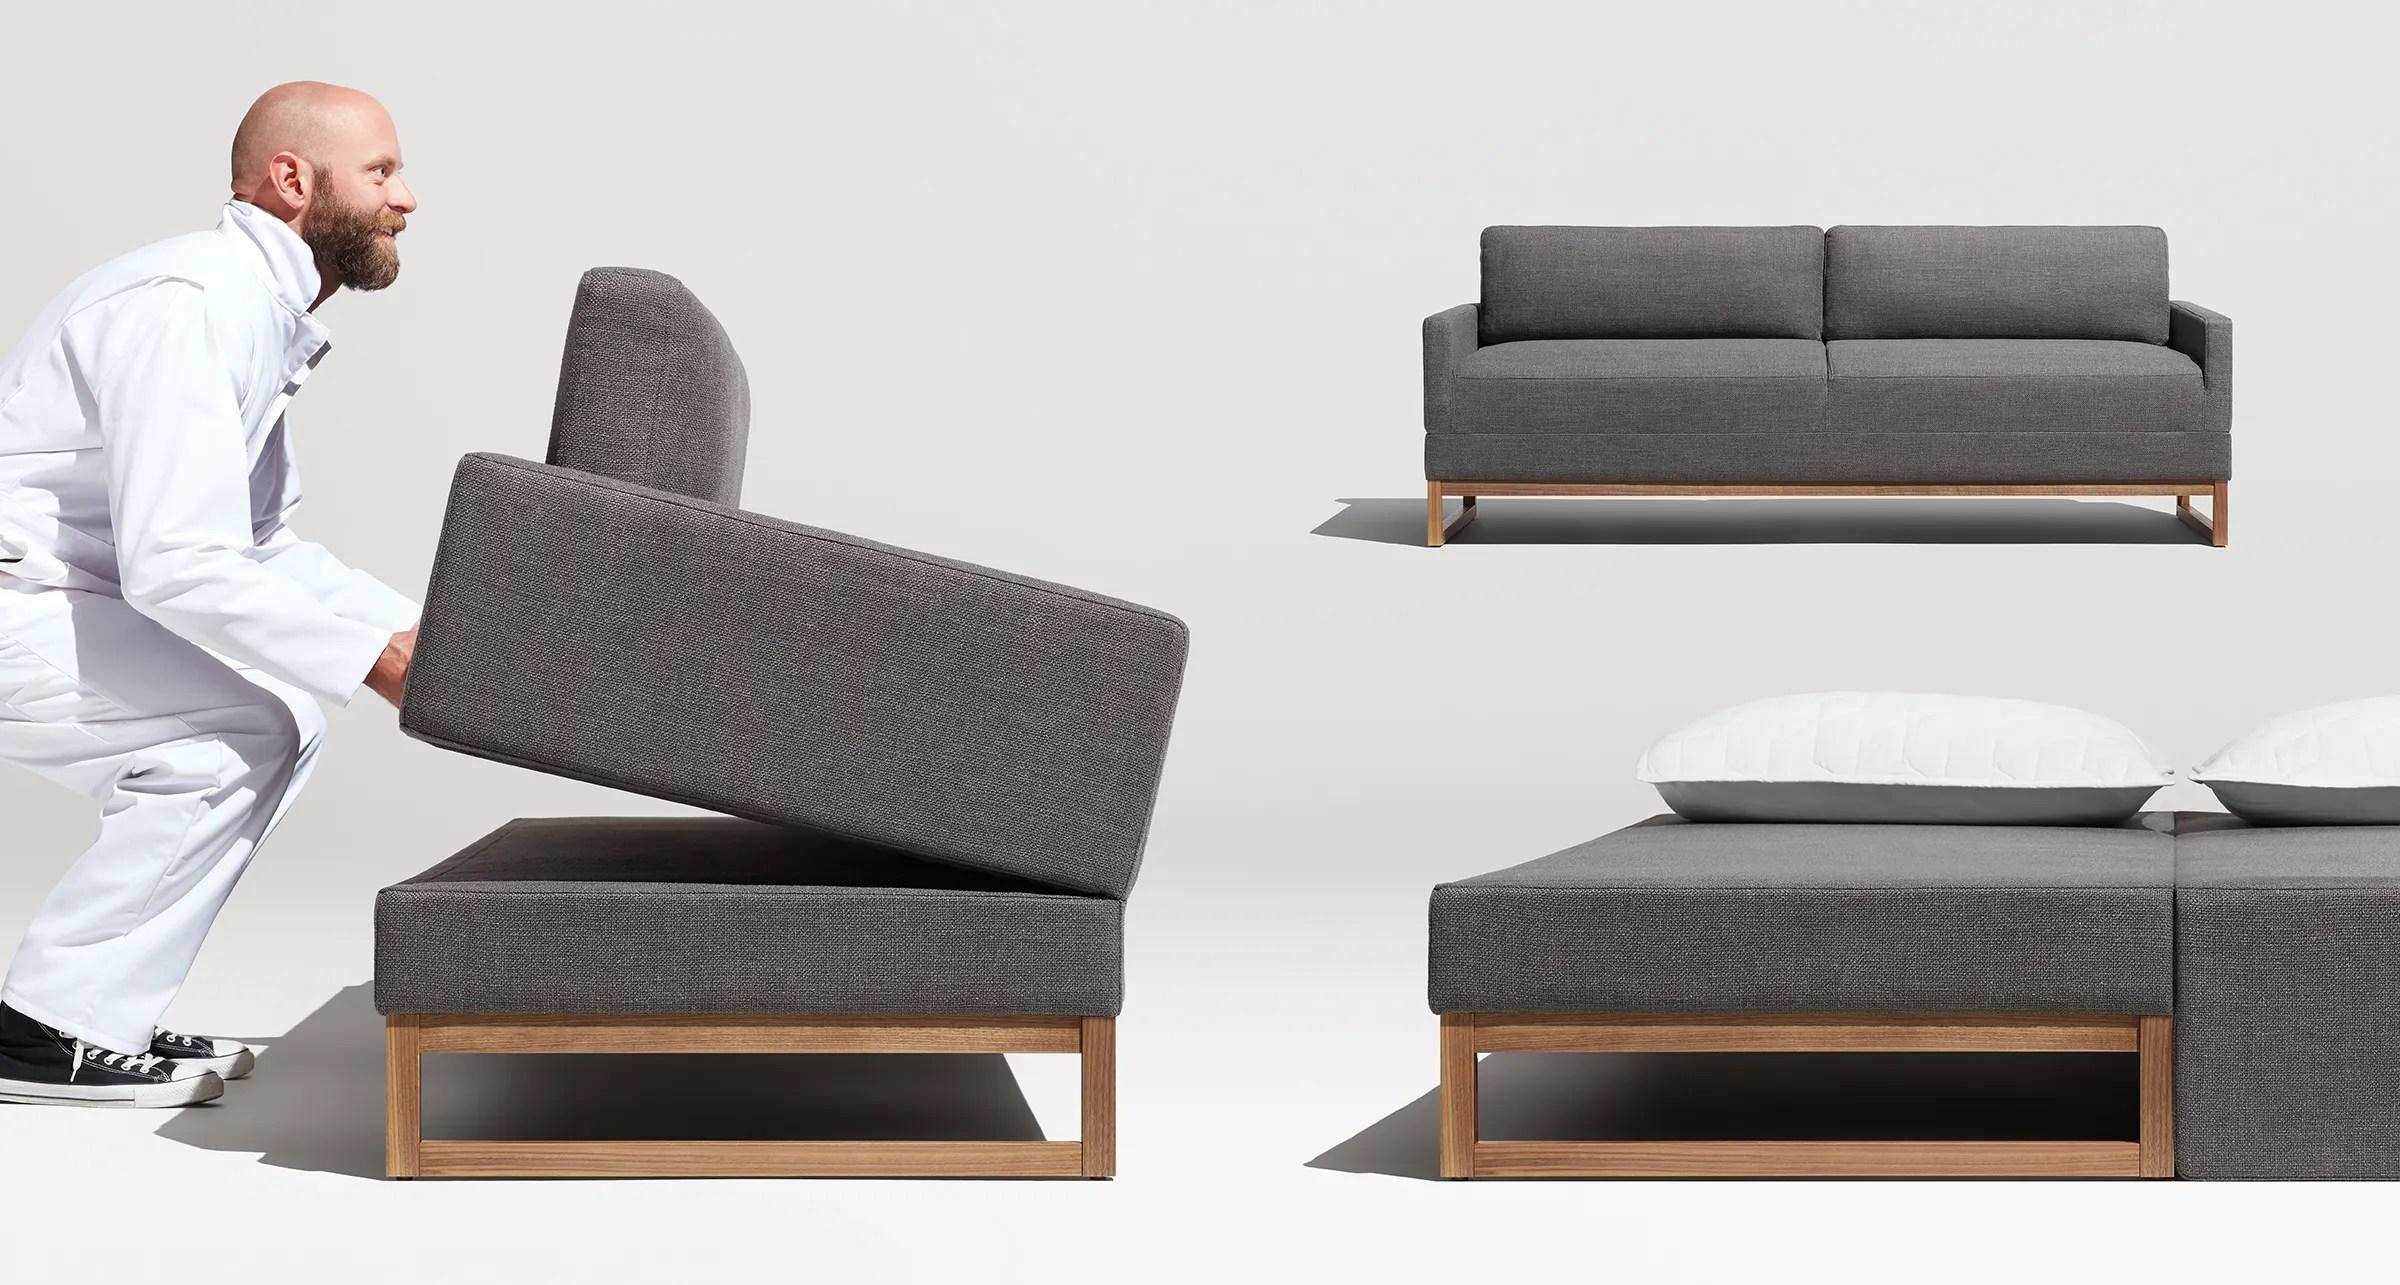 Sleeper Sofa - Diplomat Convertible Sofa